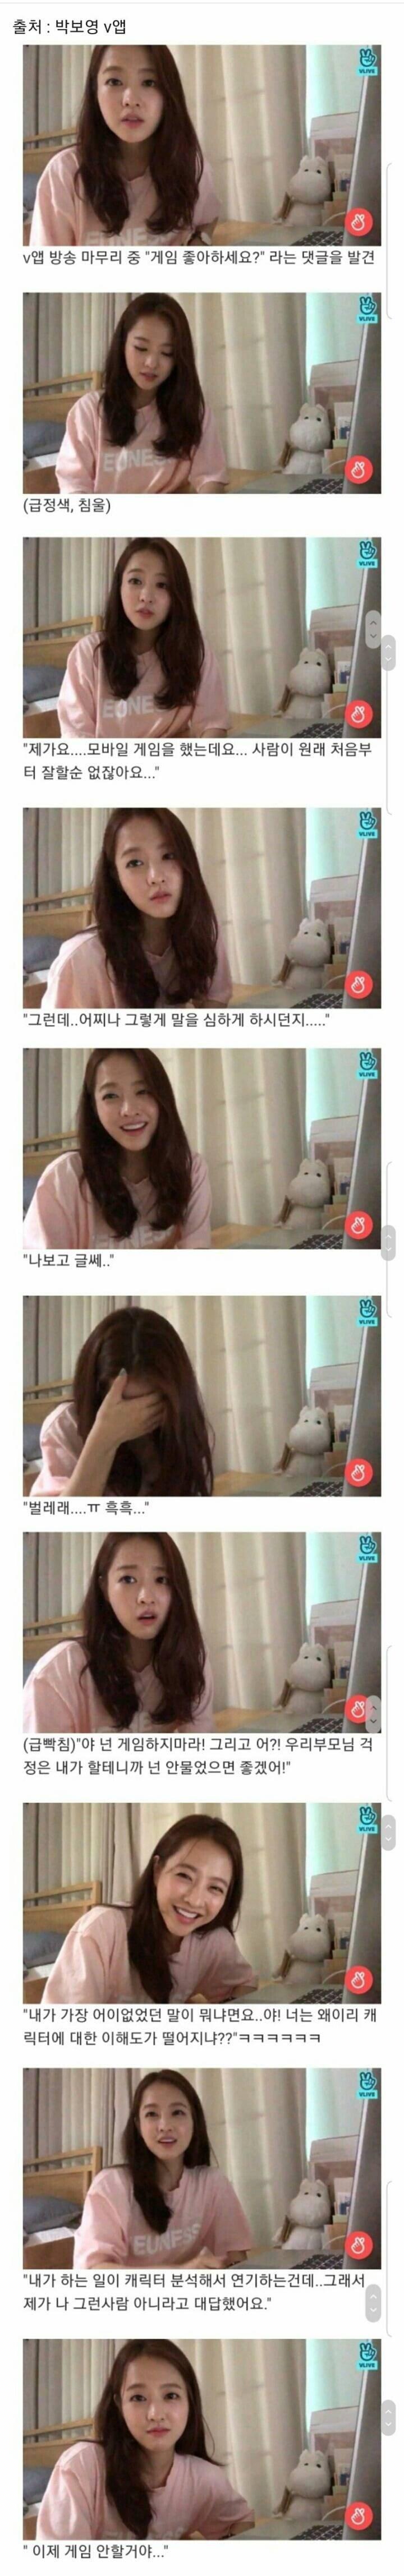 박보영이 게임을 안하는이유.jpg